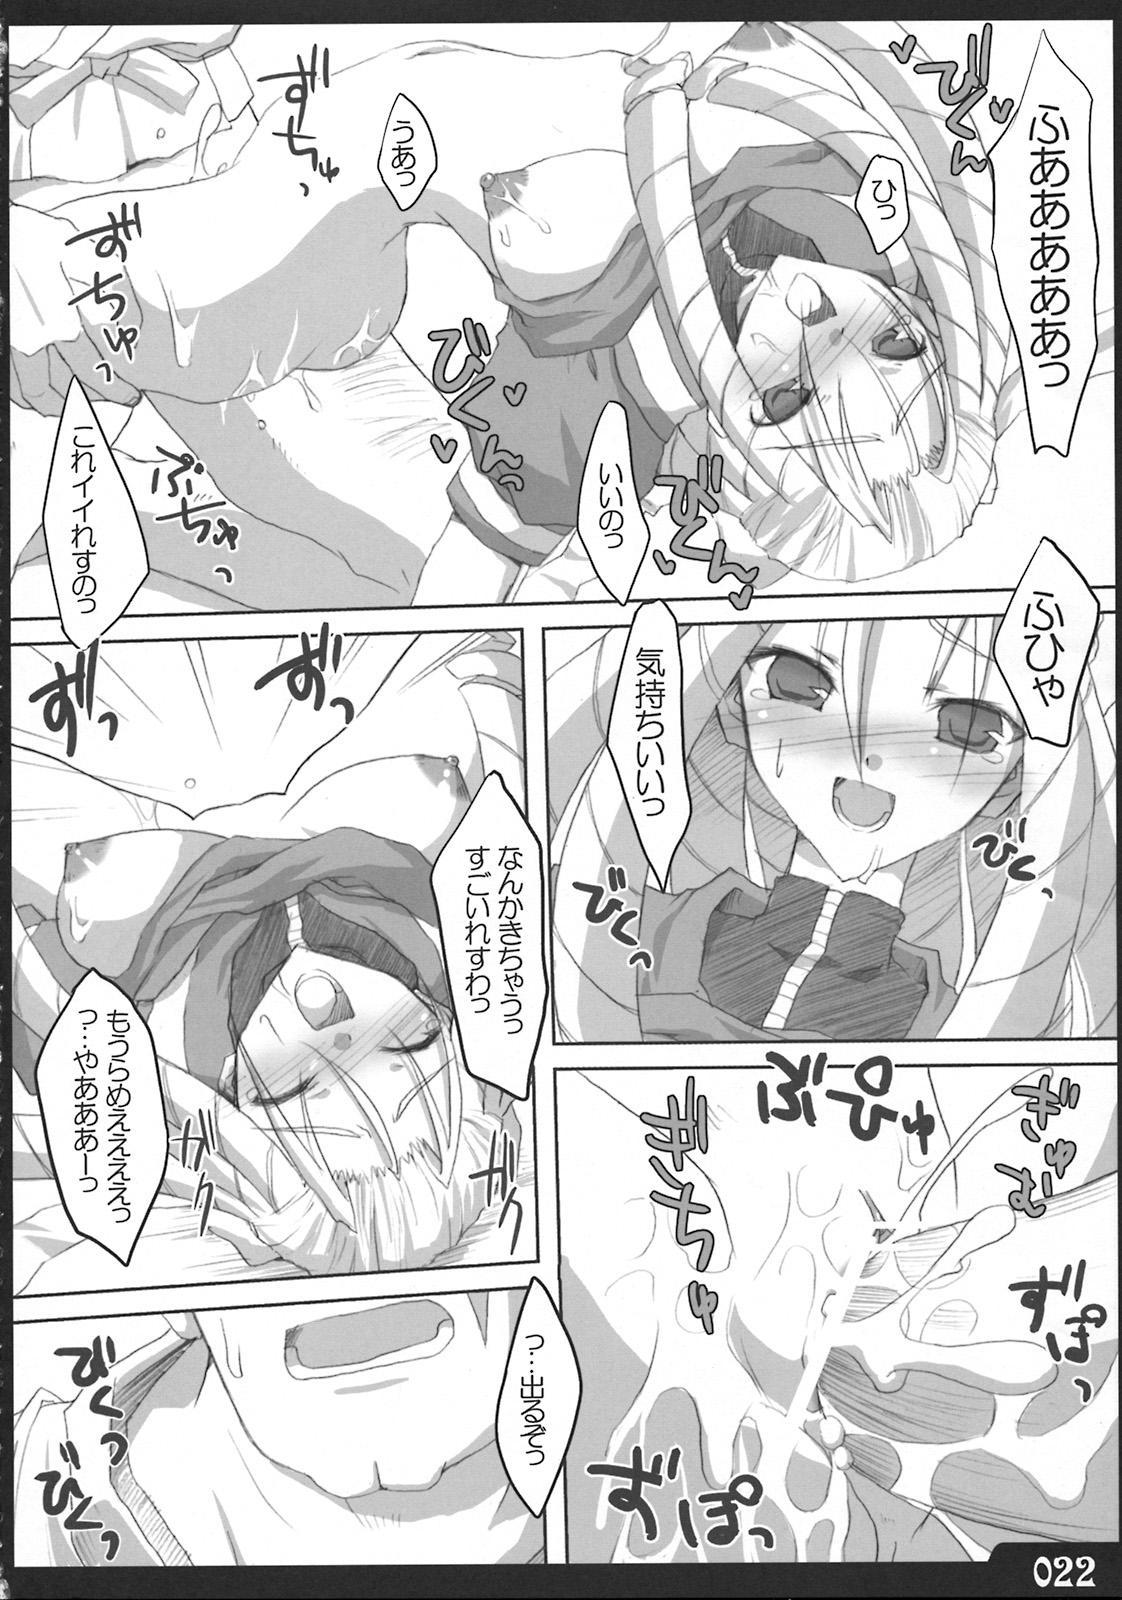 Saikyou tate-roll 20